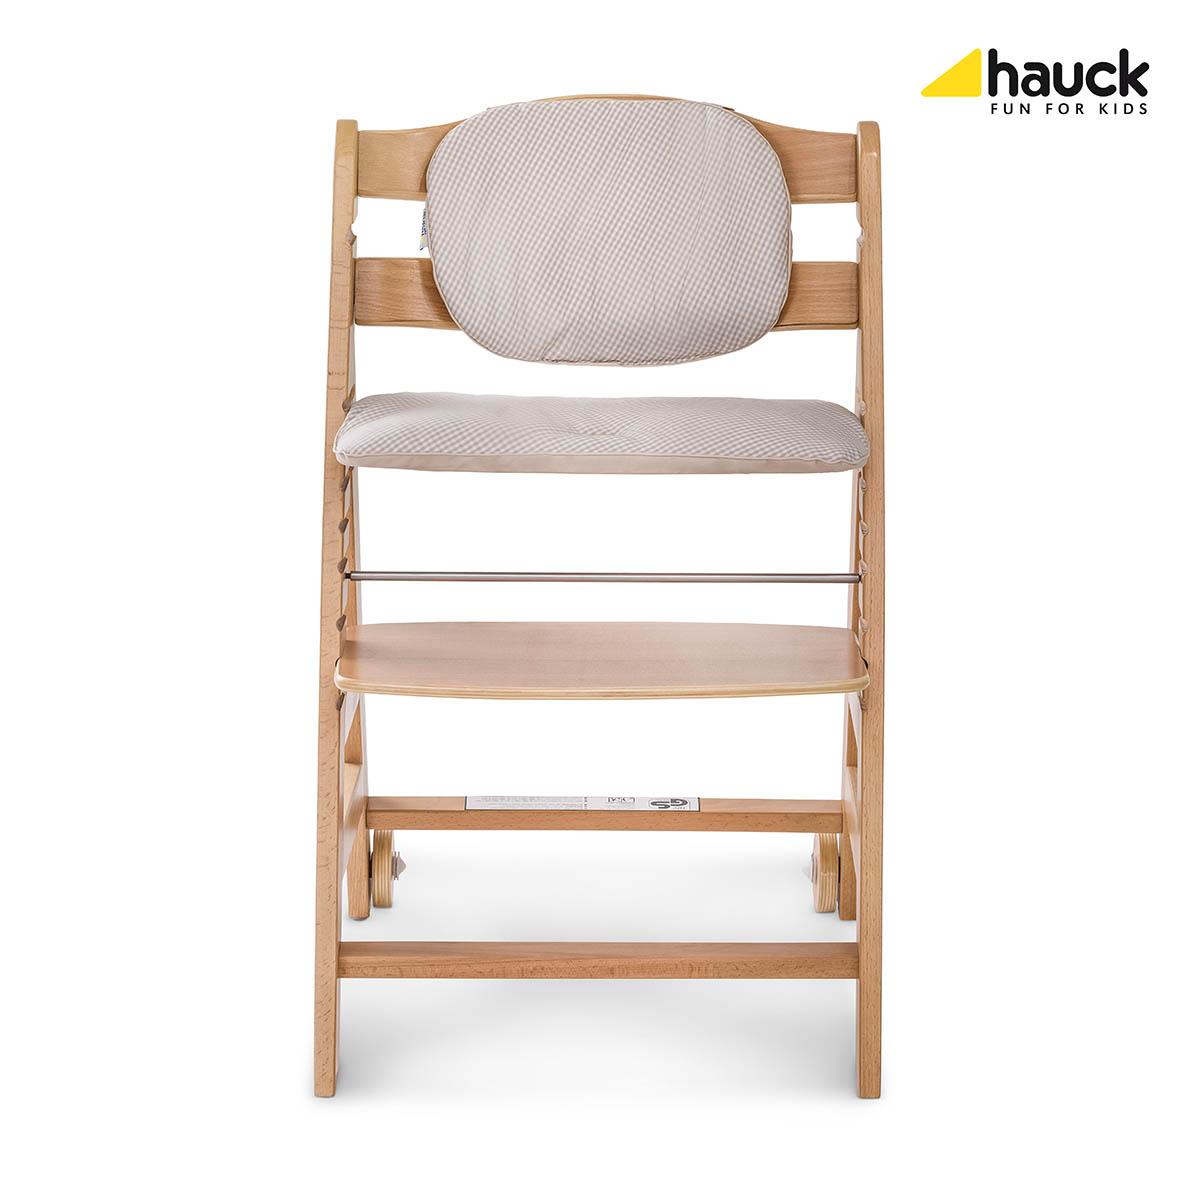 Hauck Beta+ 2019 židlička dřevěná natur